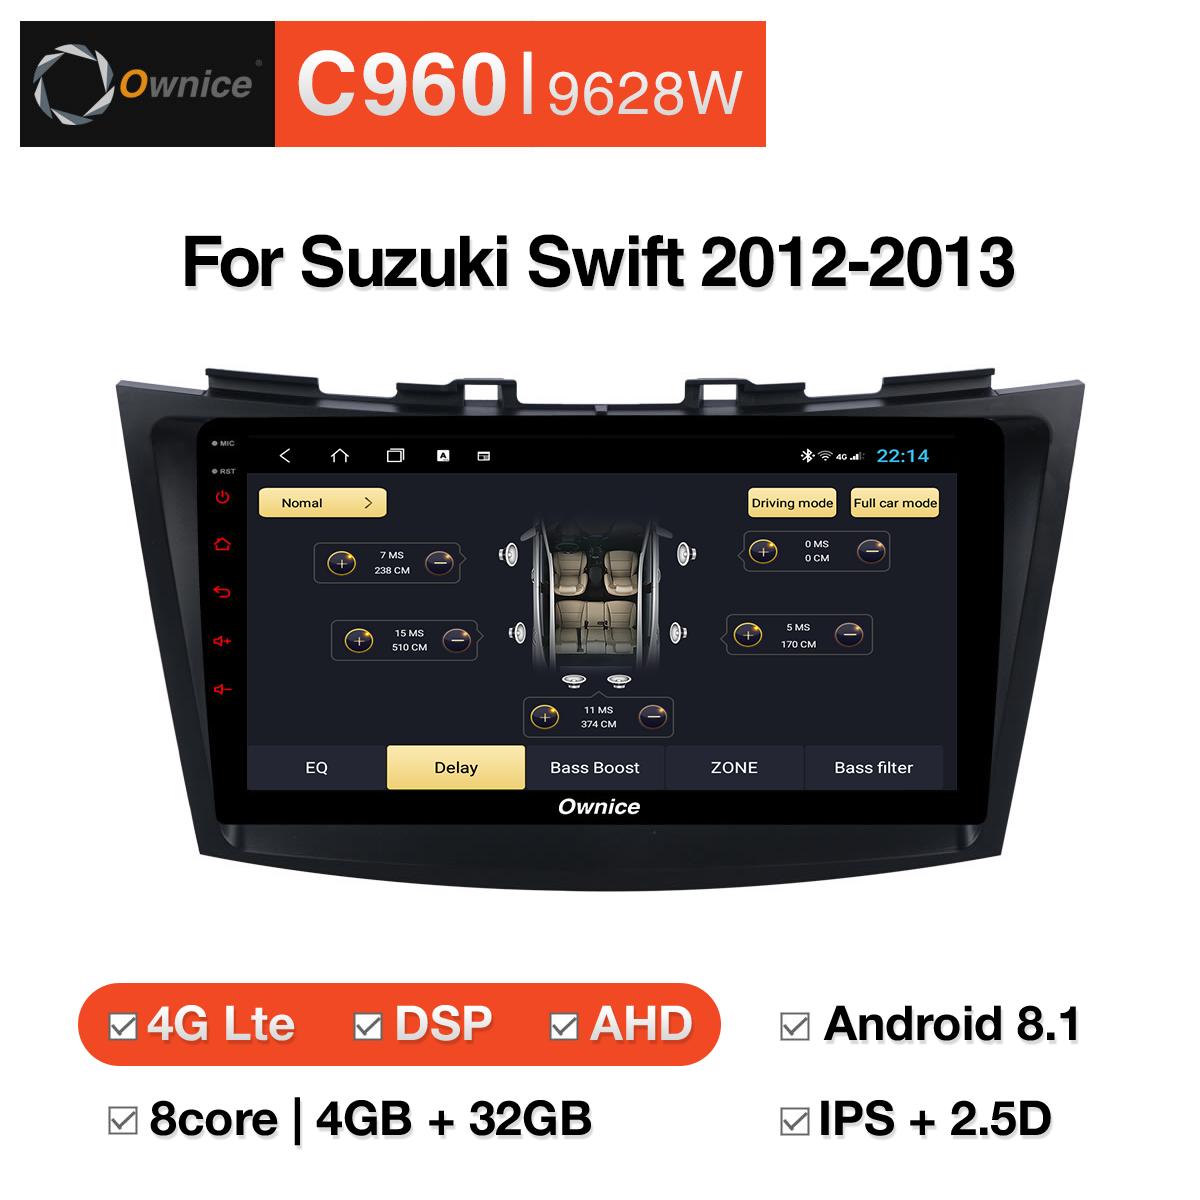 Đầu DVD android Ownice C960 cho xe ô tô Suzuki Swift 2012-2013